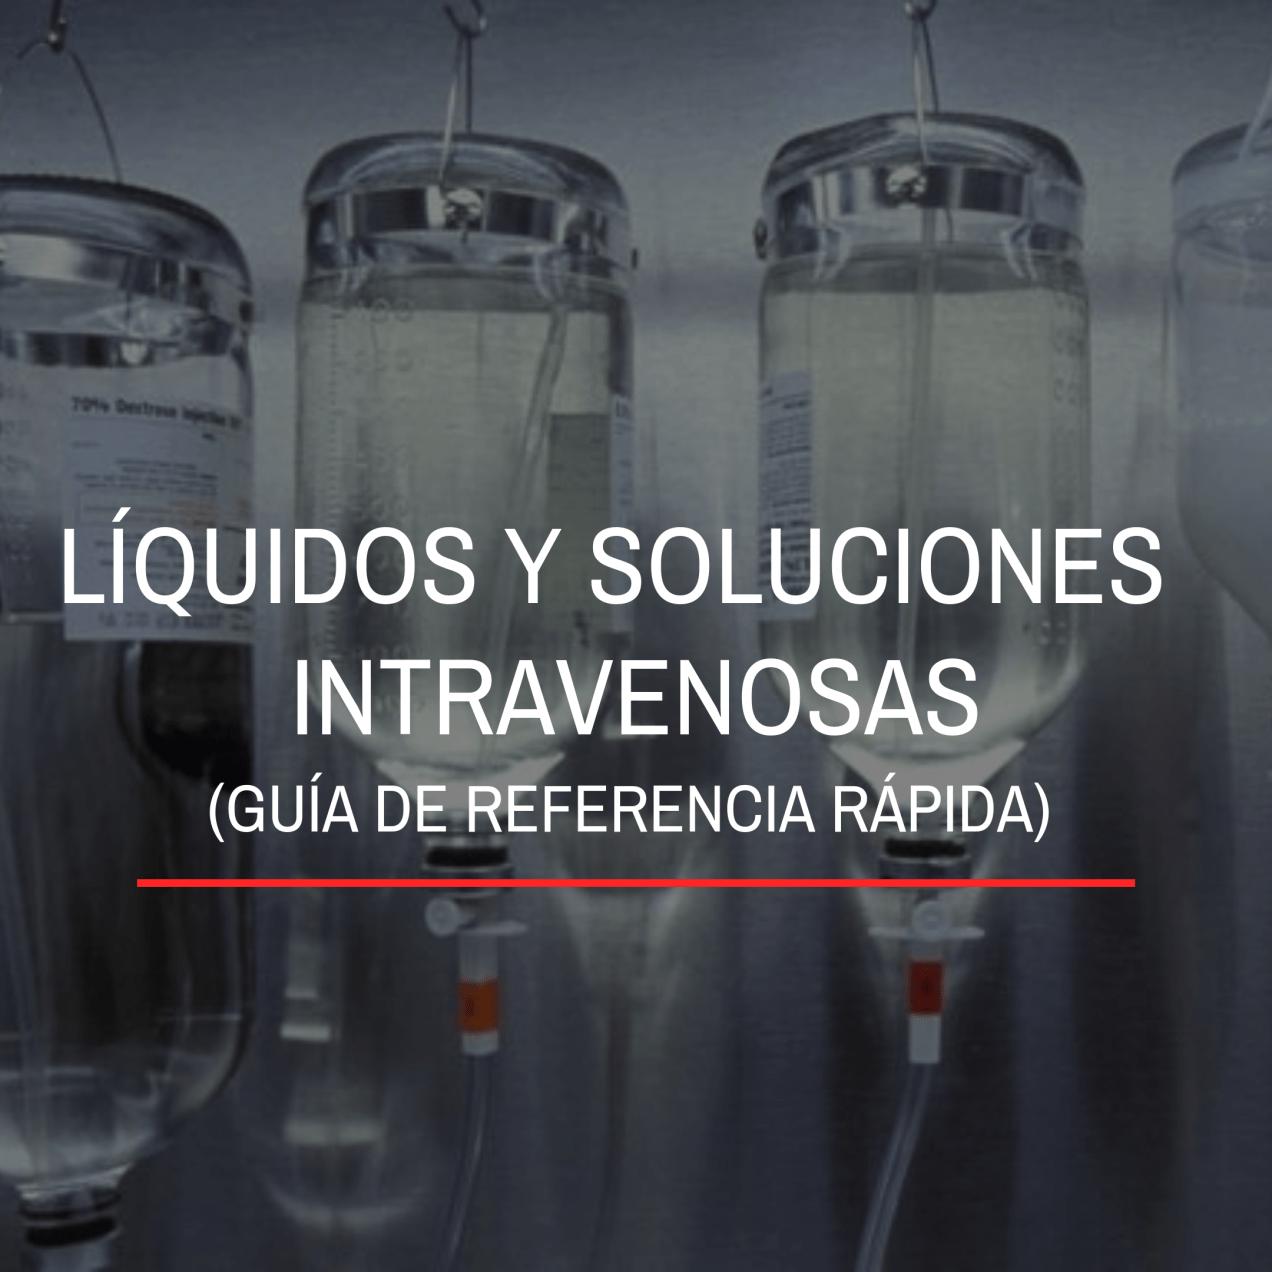 Líquidos y soluciones intravenosas IV guía de referencia rápida